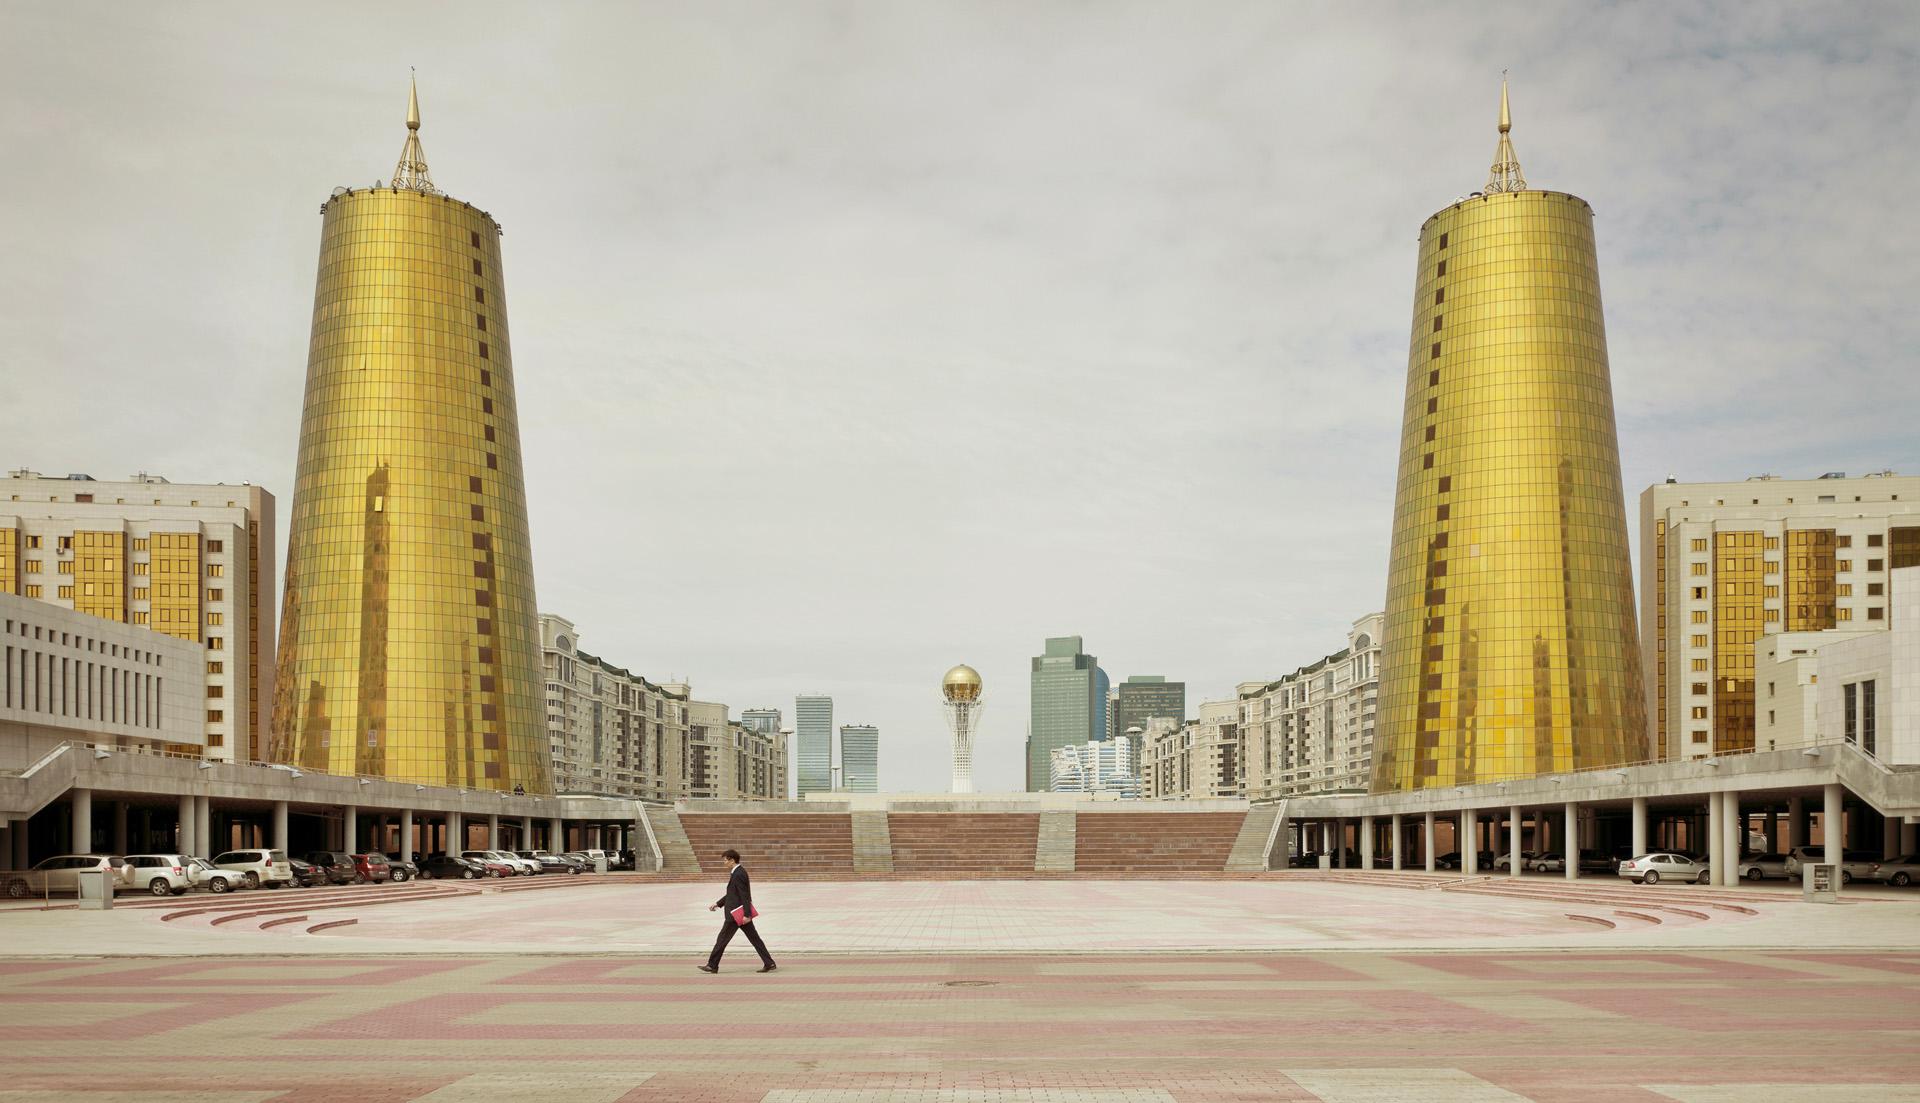 Золотые башни Дома министерств в Астане, 1998 год. Башни получили в народе название «пивные банки».